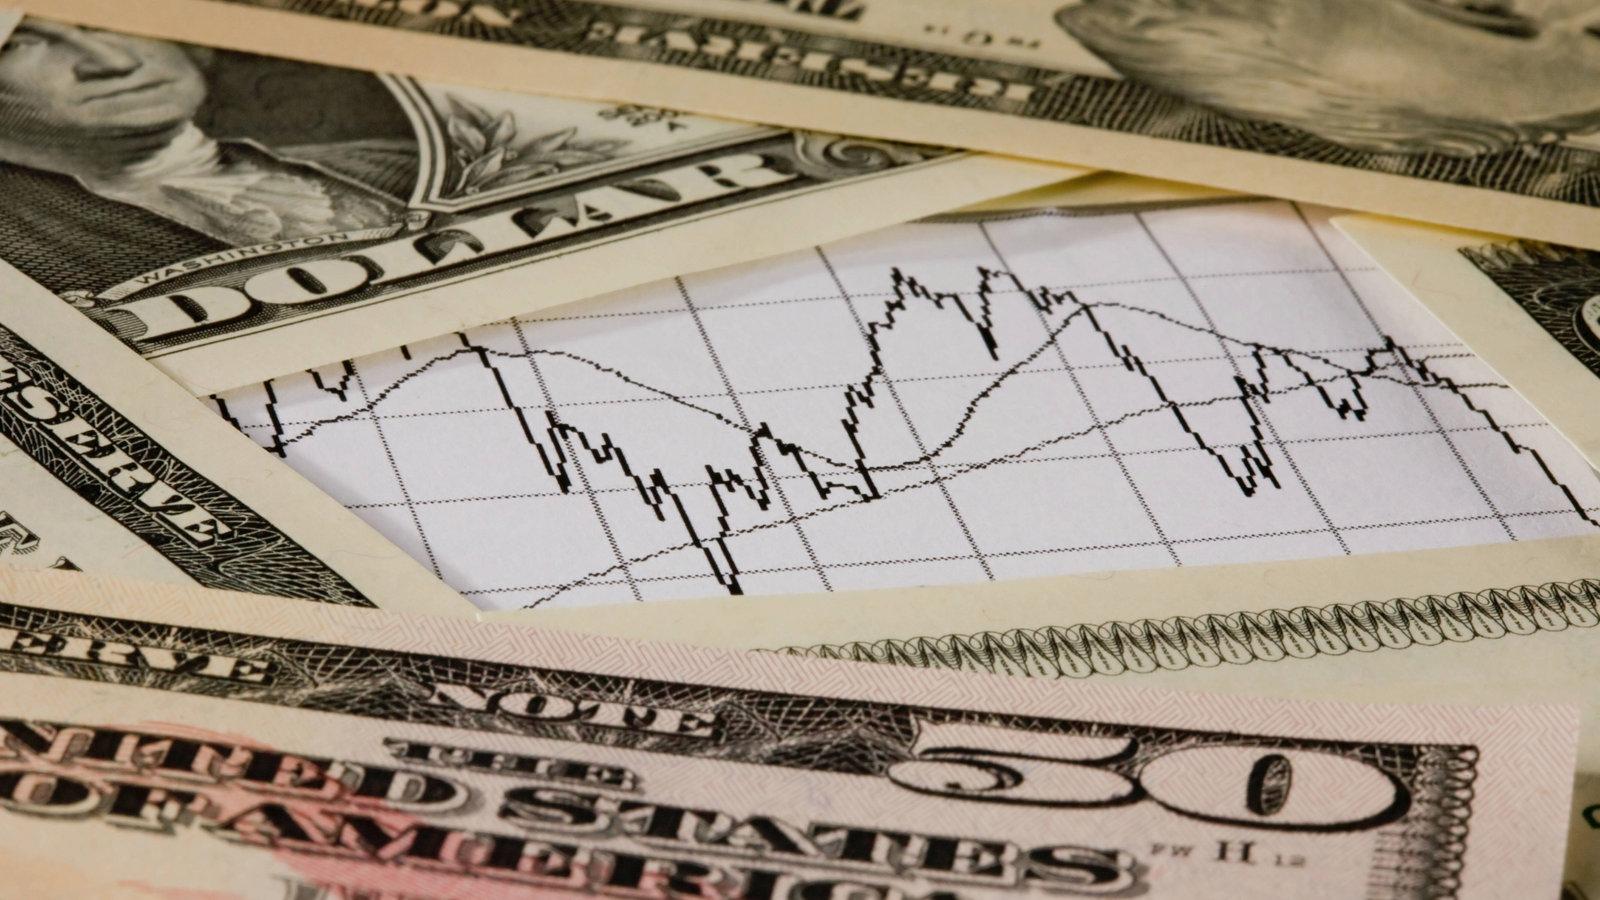 """Spekulation (lateinisch speculor, """"beobachten, spähen, auskundschaften"""") ist in der Wirtschaft die mit einem Risiko behaftete Ausnutzung von Kurs-, Zins-oder Preisunterschieden innerhalb eines bestimmten Zeitraums zum Zwecke der Gewinnmitnahme."""